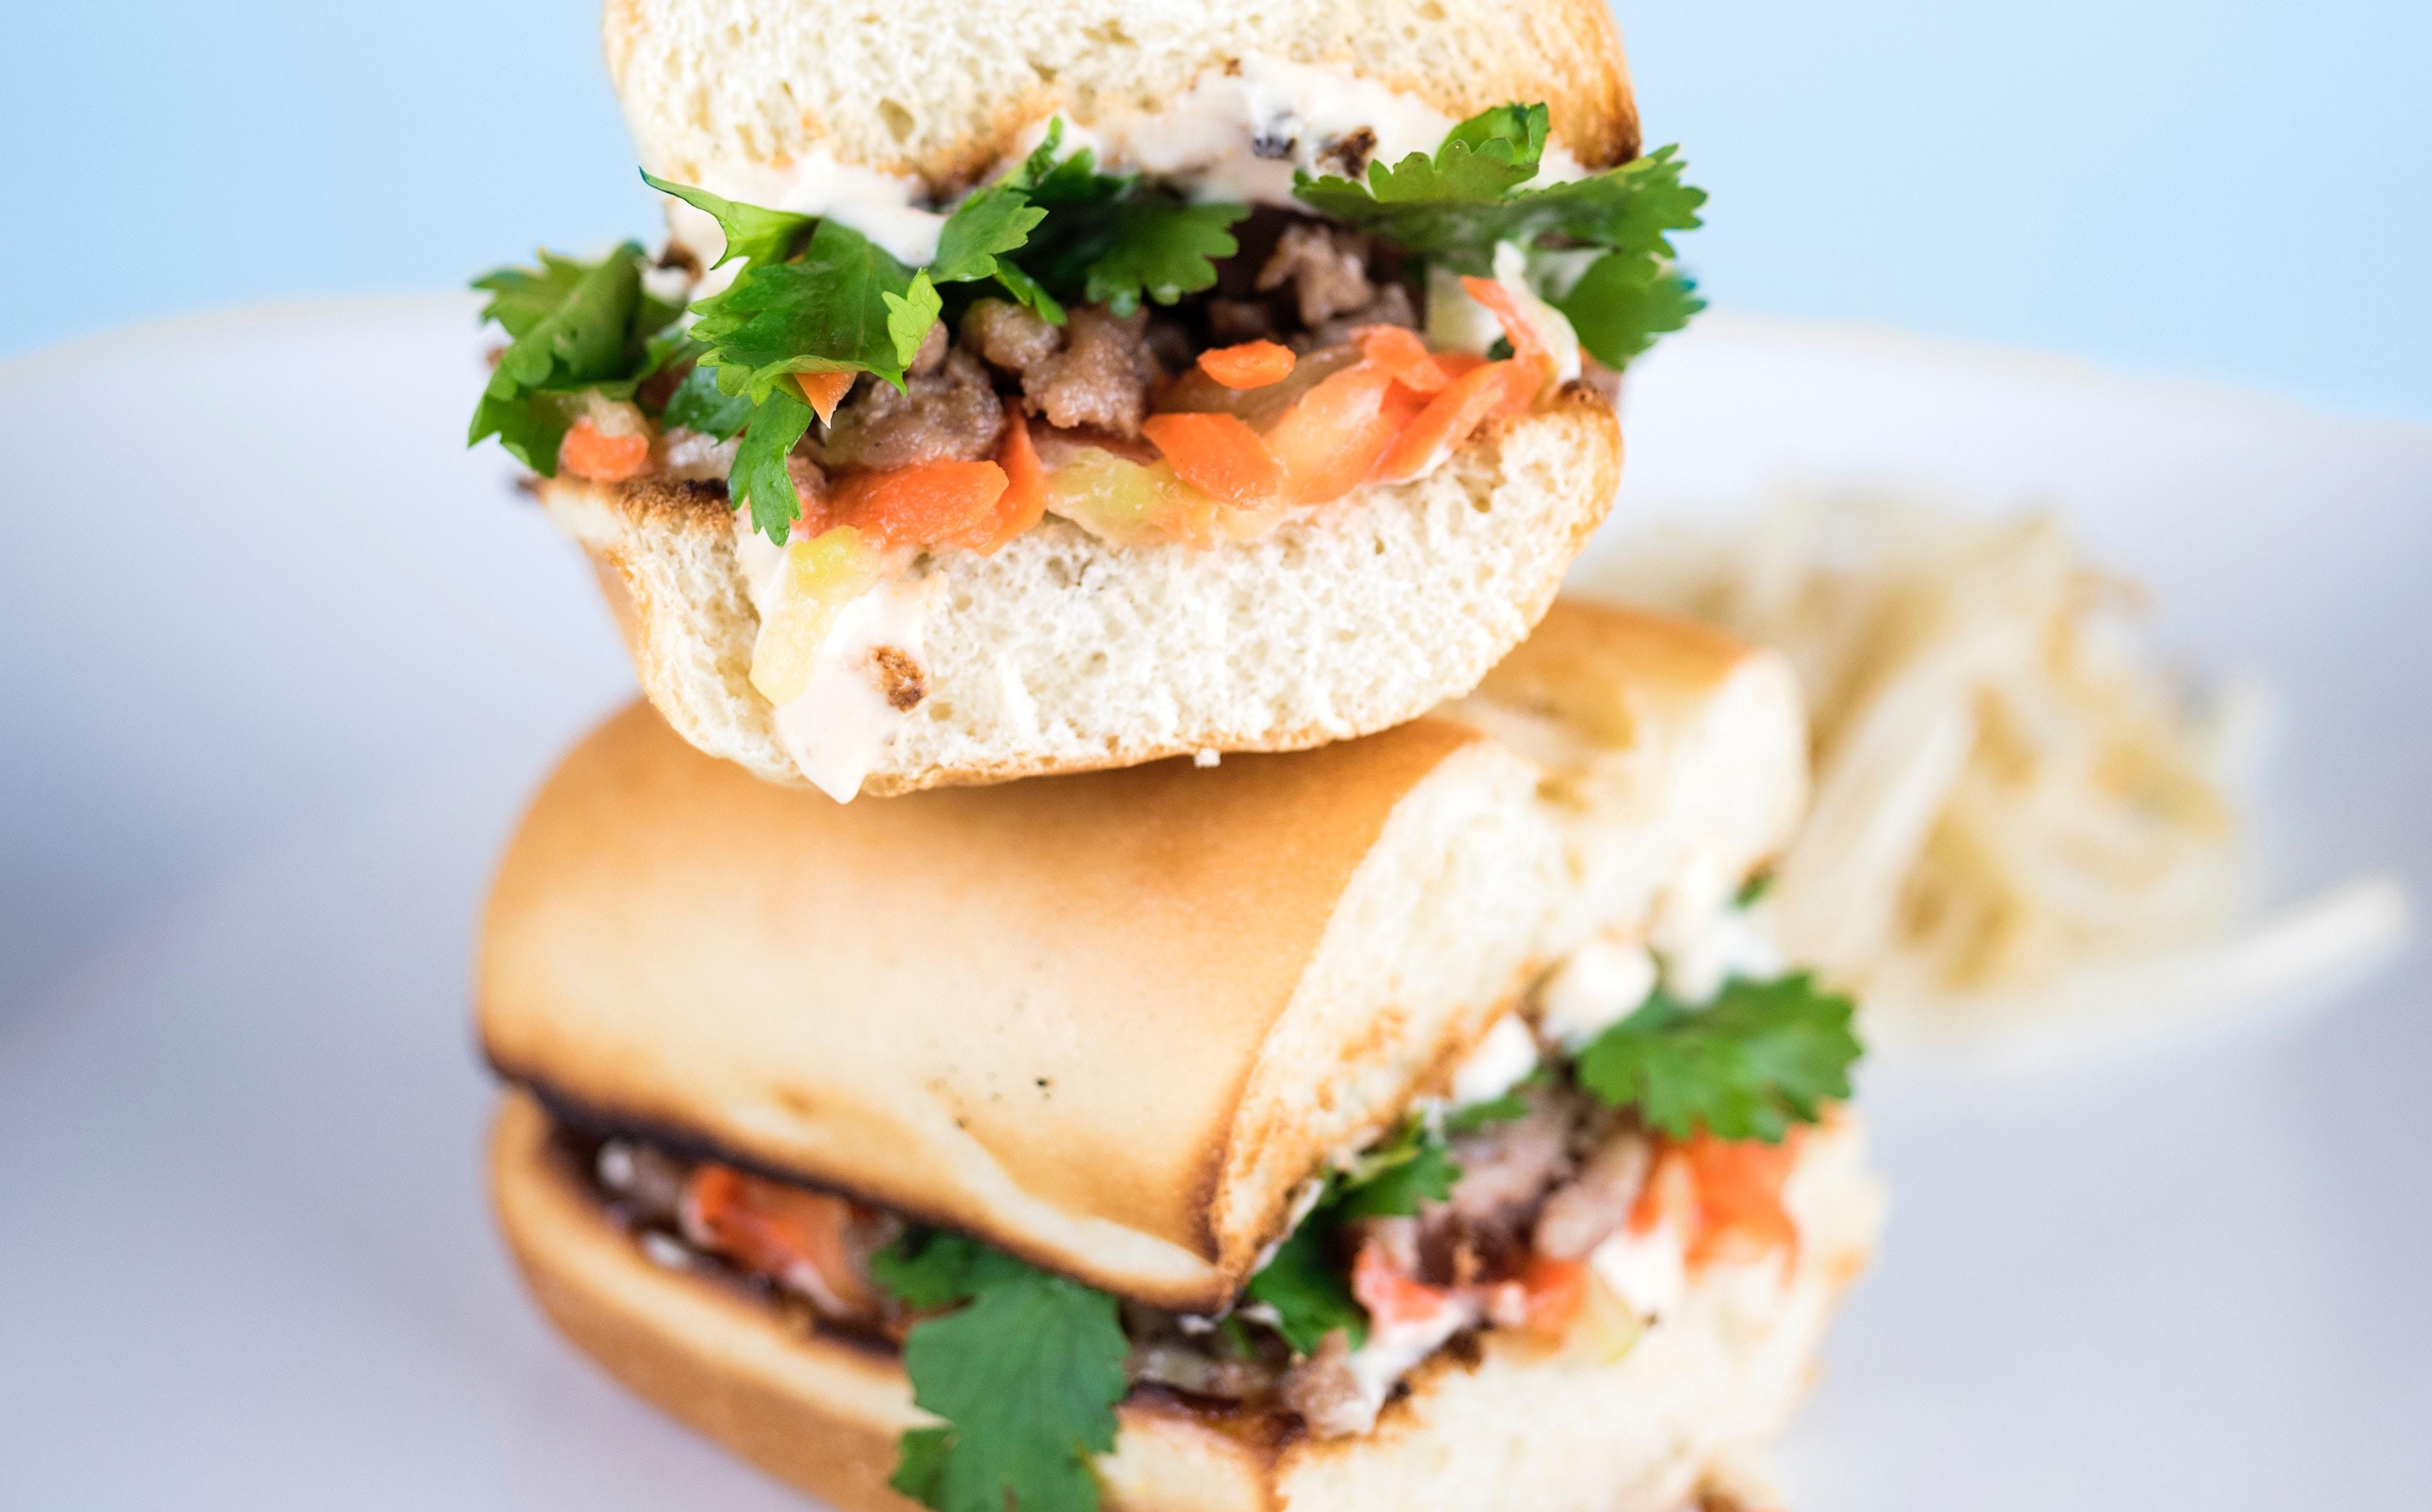 broodje met vegetarisch gehakt